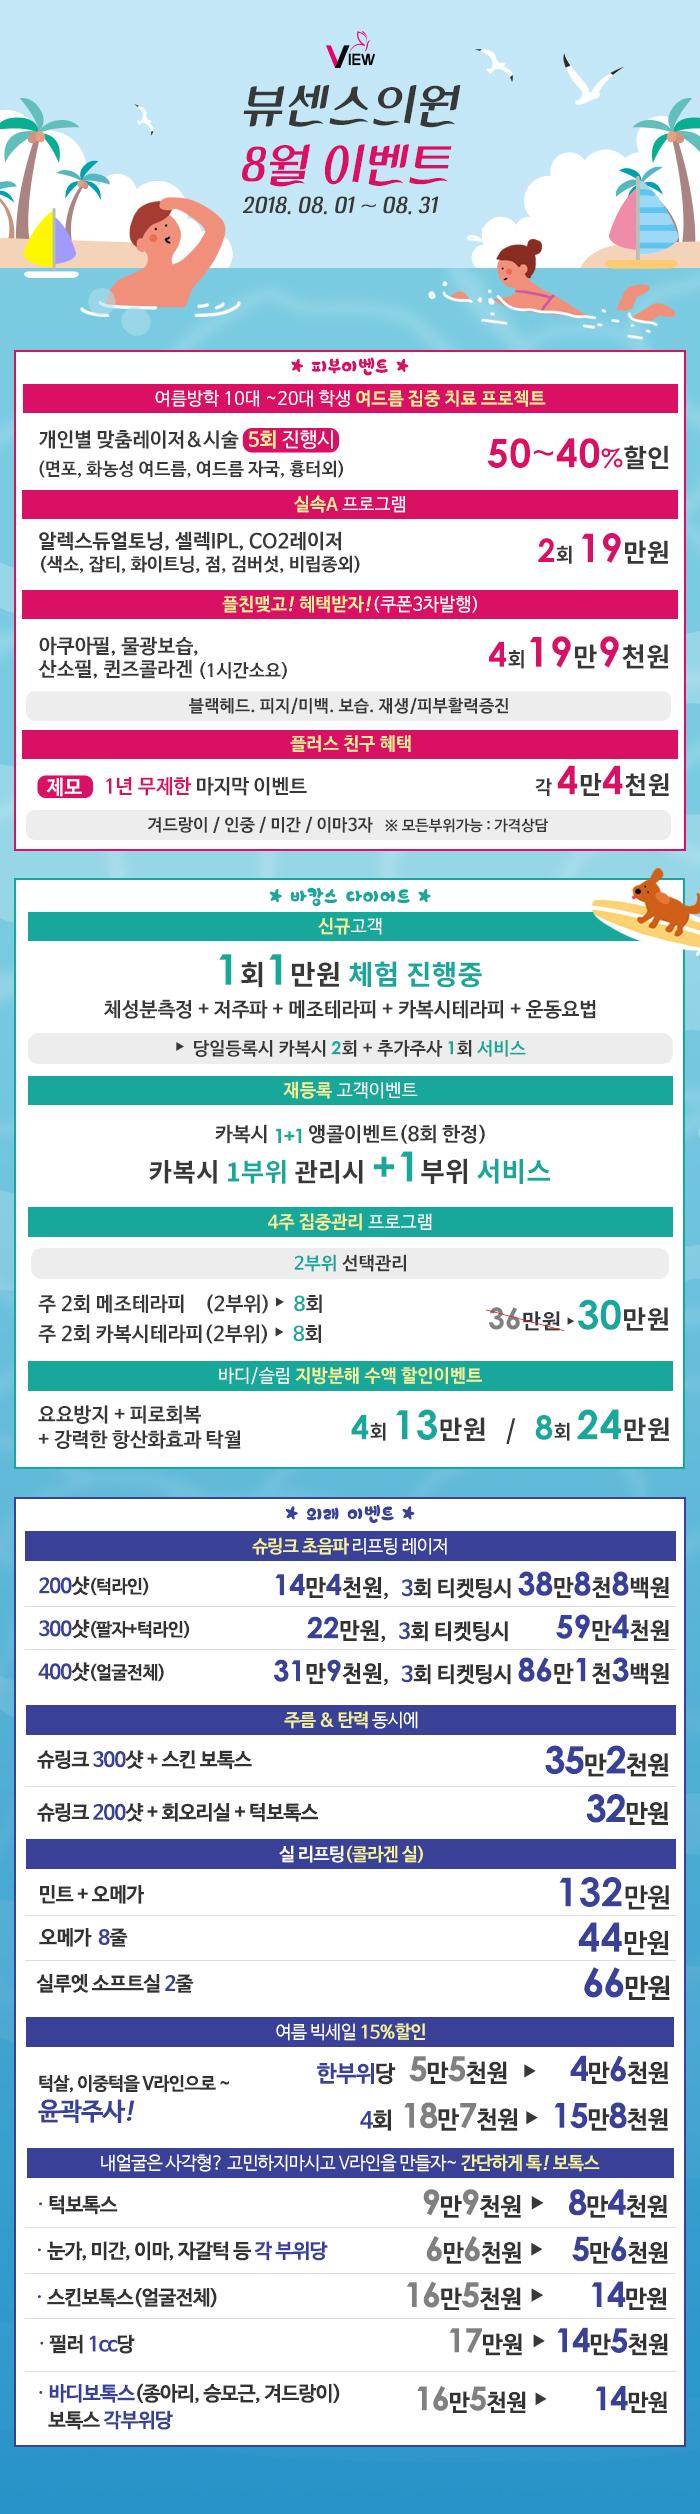 해운대_8월 이벤트 페이지.jpg